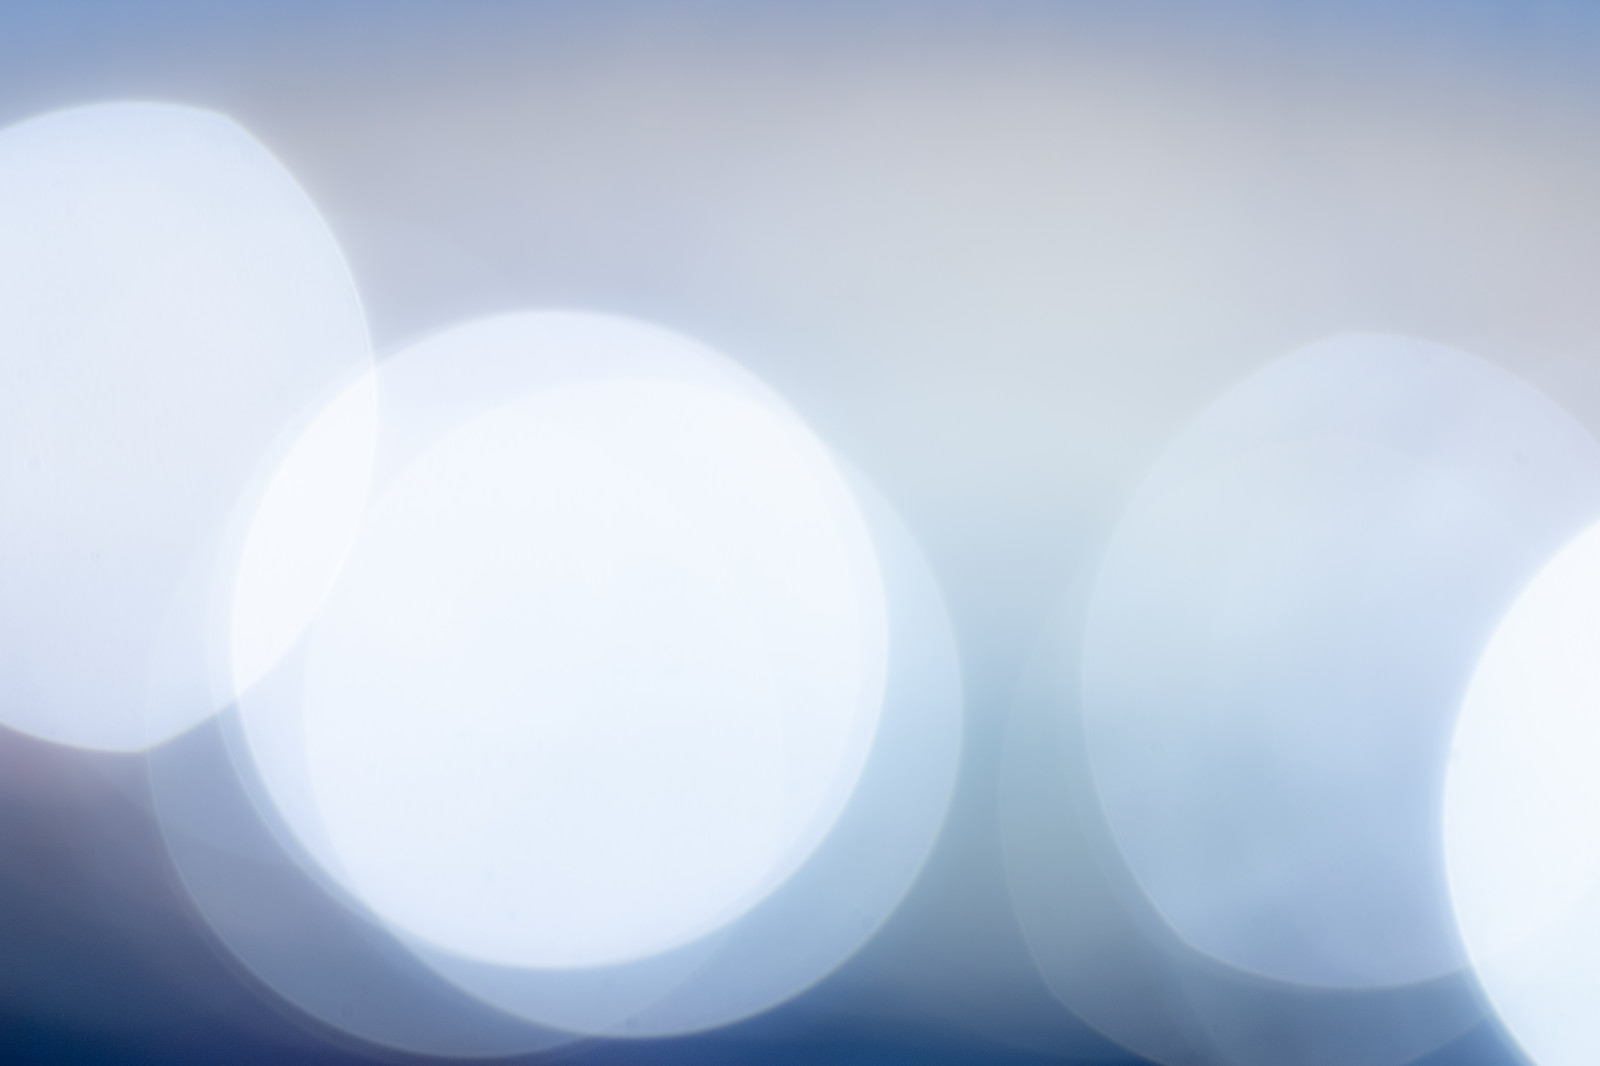 「寒色の丸ボケ」の写真